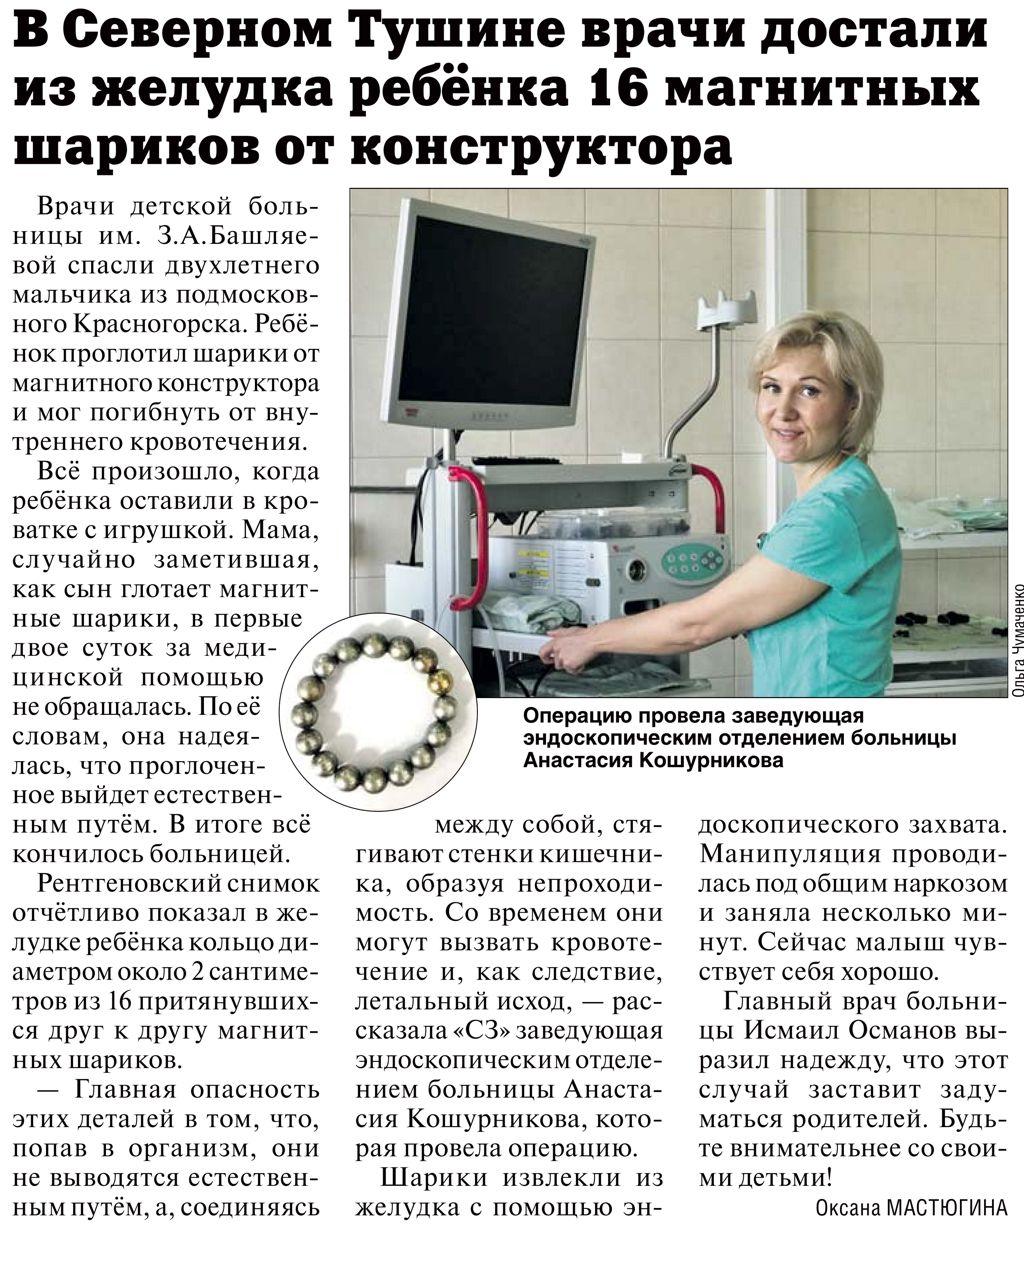 Врачи детской больницы имени З.А. Башляевой спасли ребенка, проглотившего магнитные шарики от конструктора